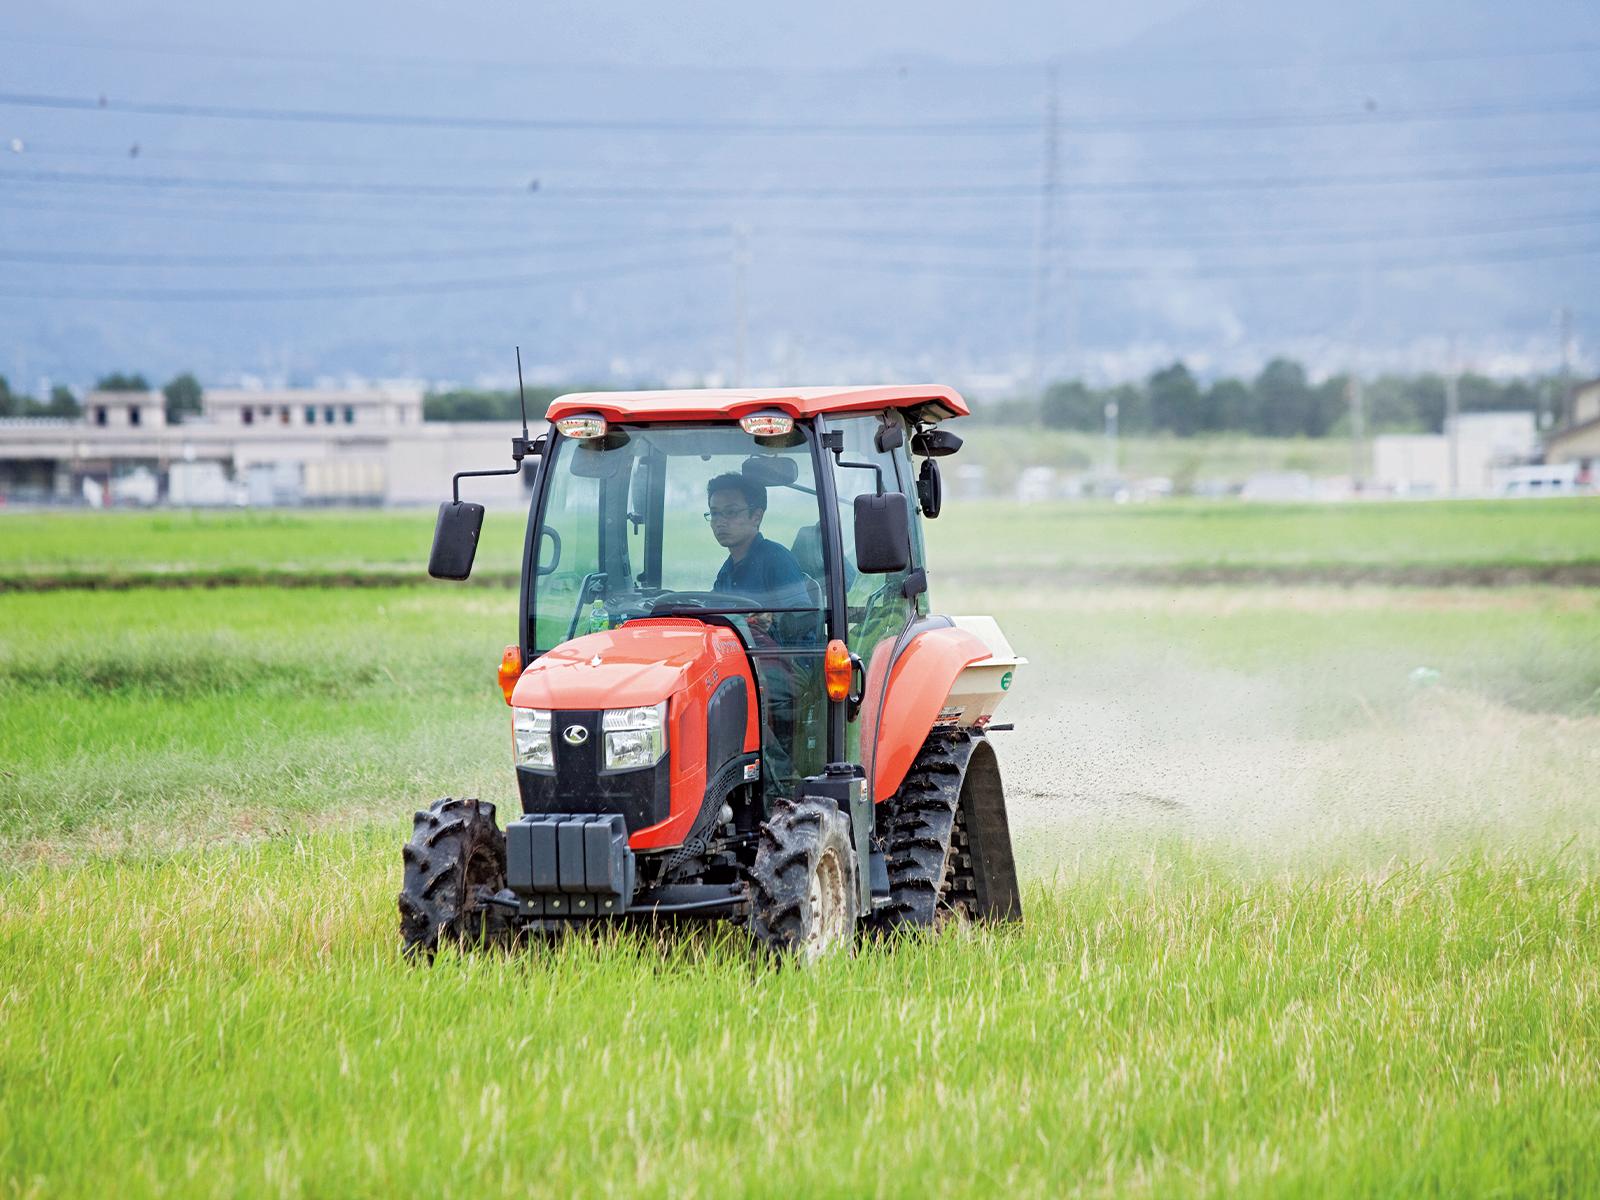 コンバインの後部に肥料を積み、稲刈り後の田んぼを走りながら、来年のために肥料を撒く。